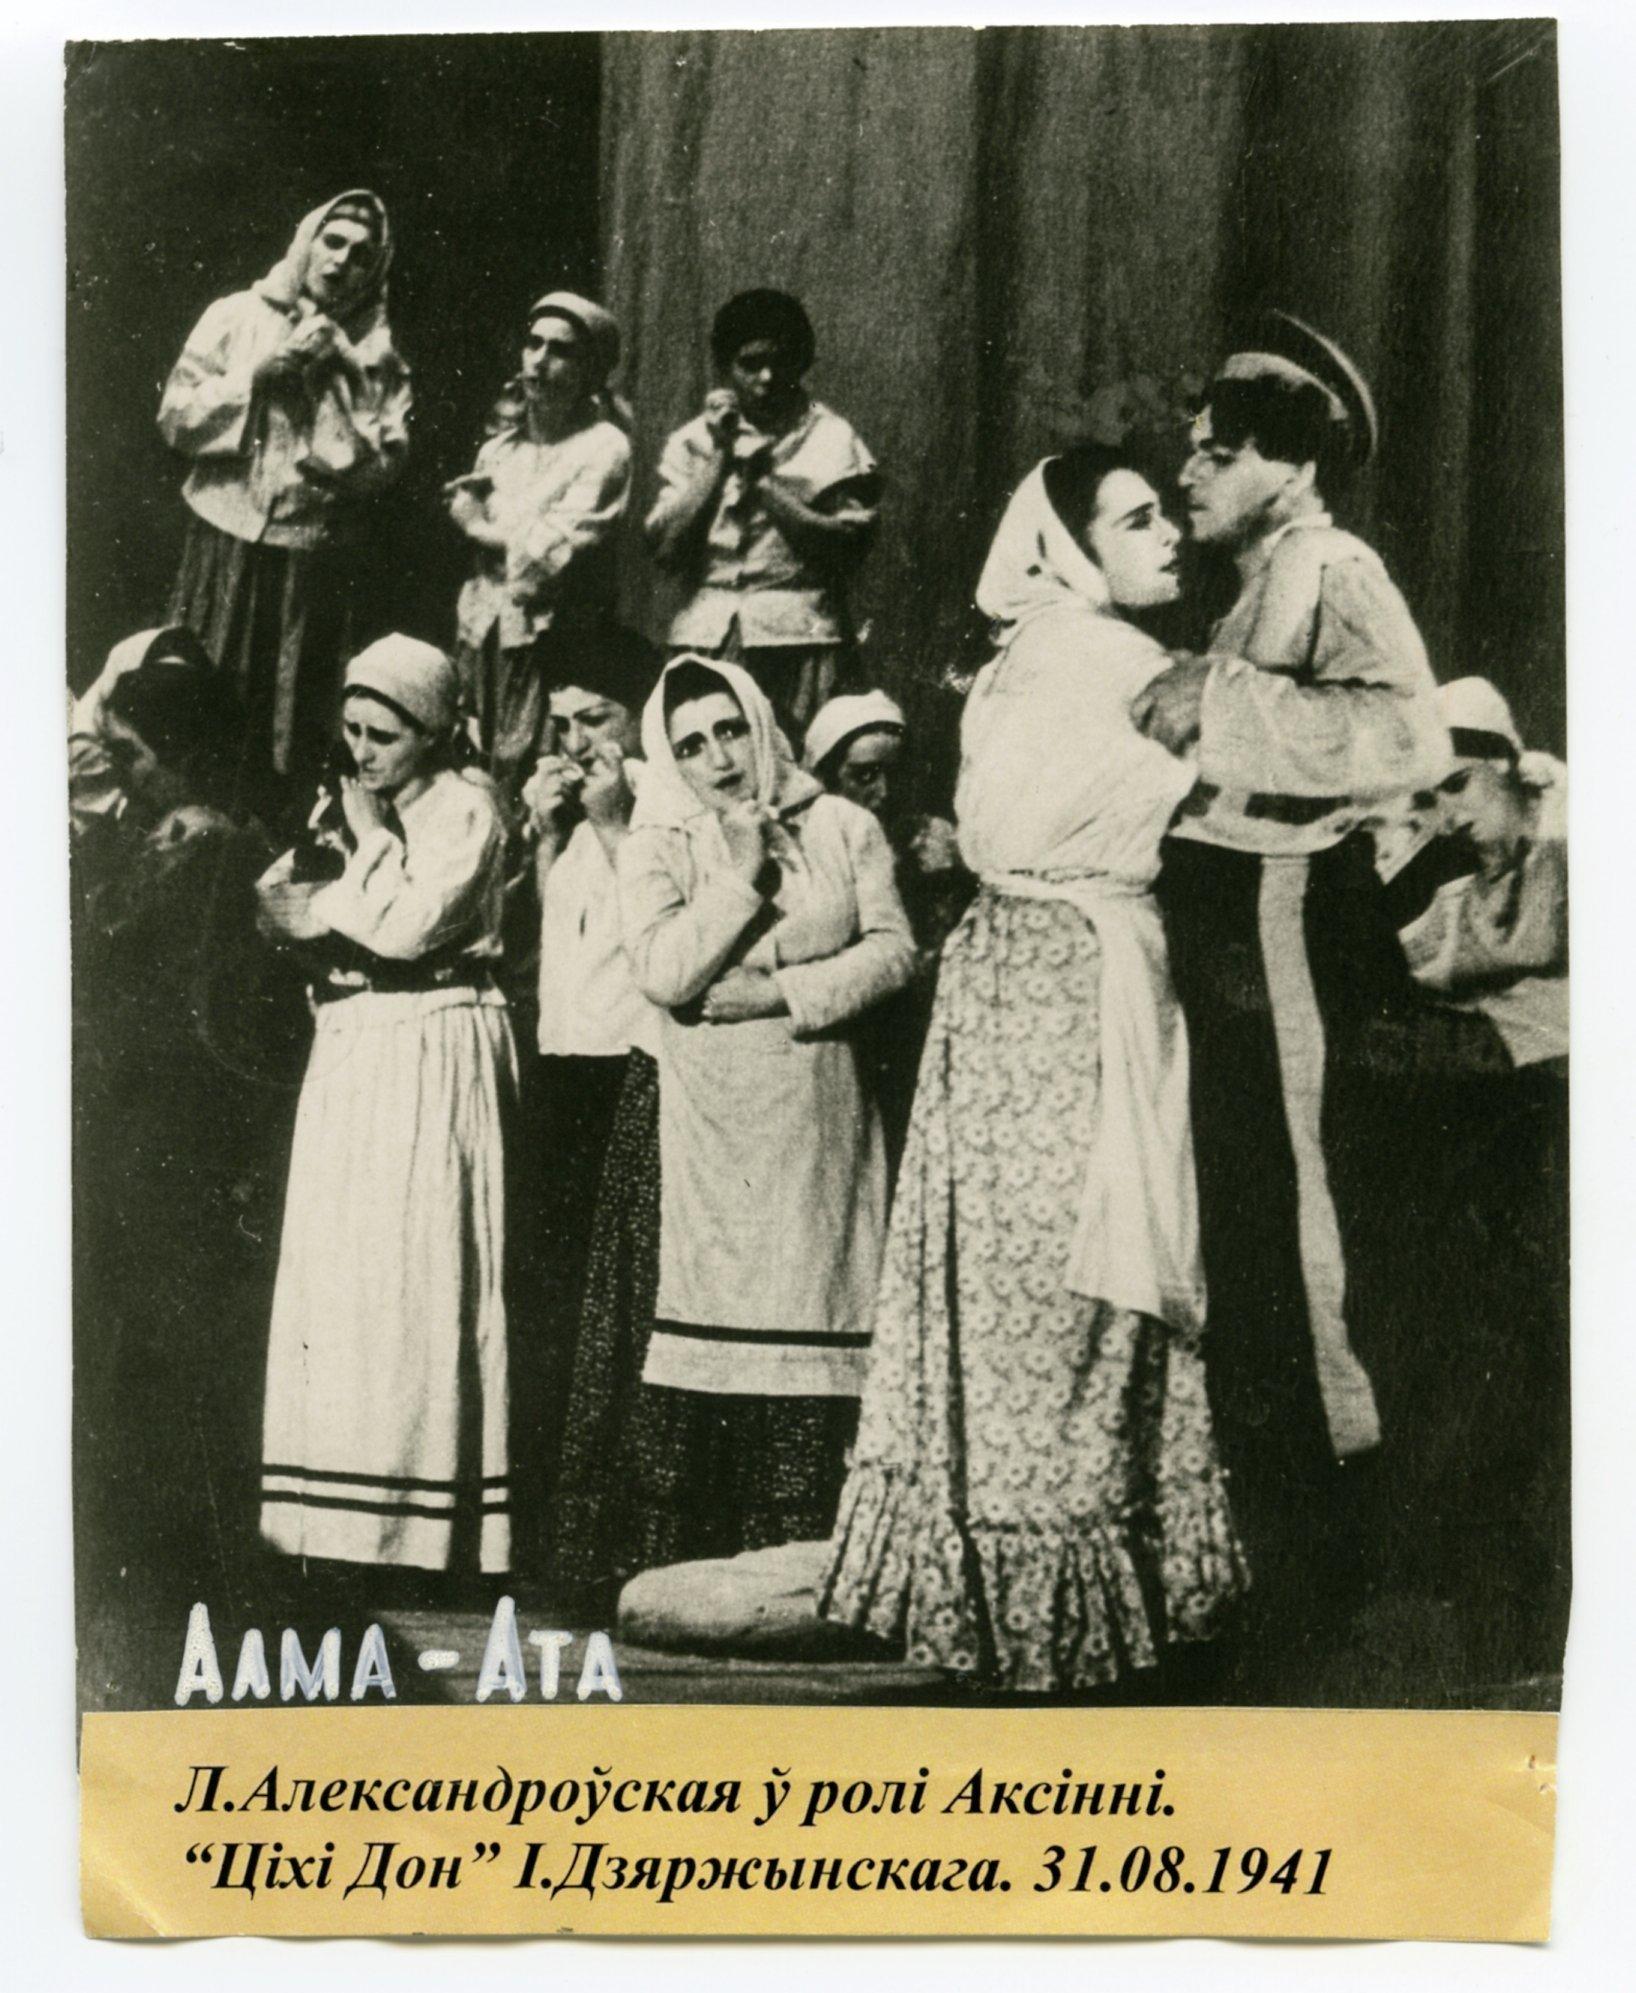 Ціхі Дон. Алма-Ата. 1941 год.